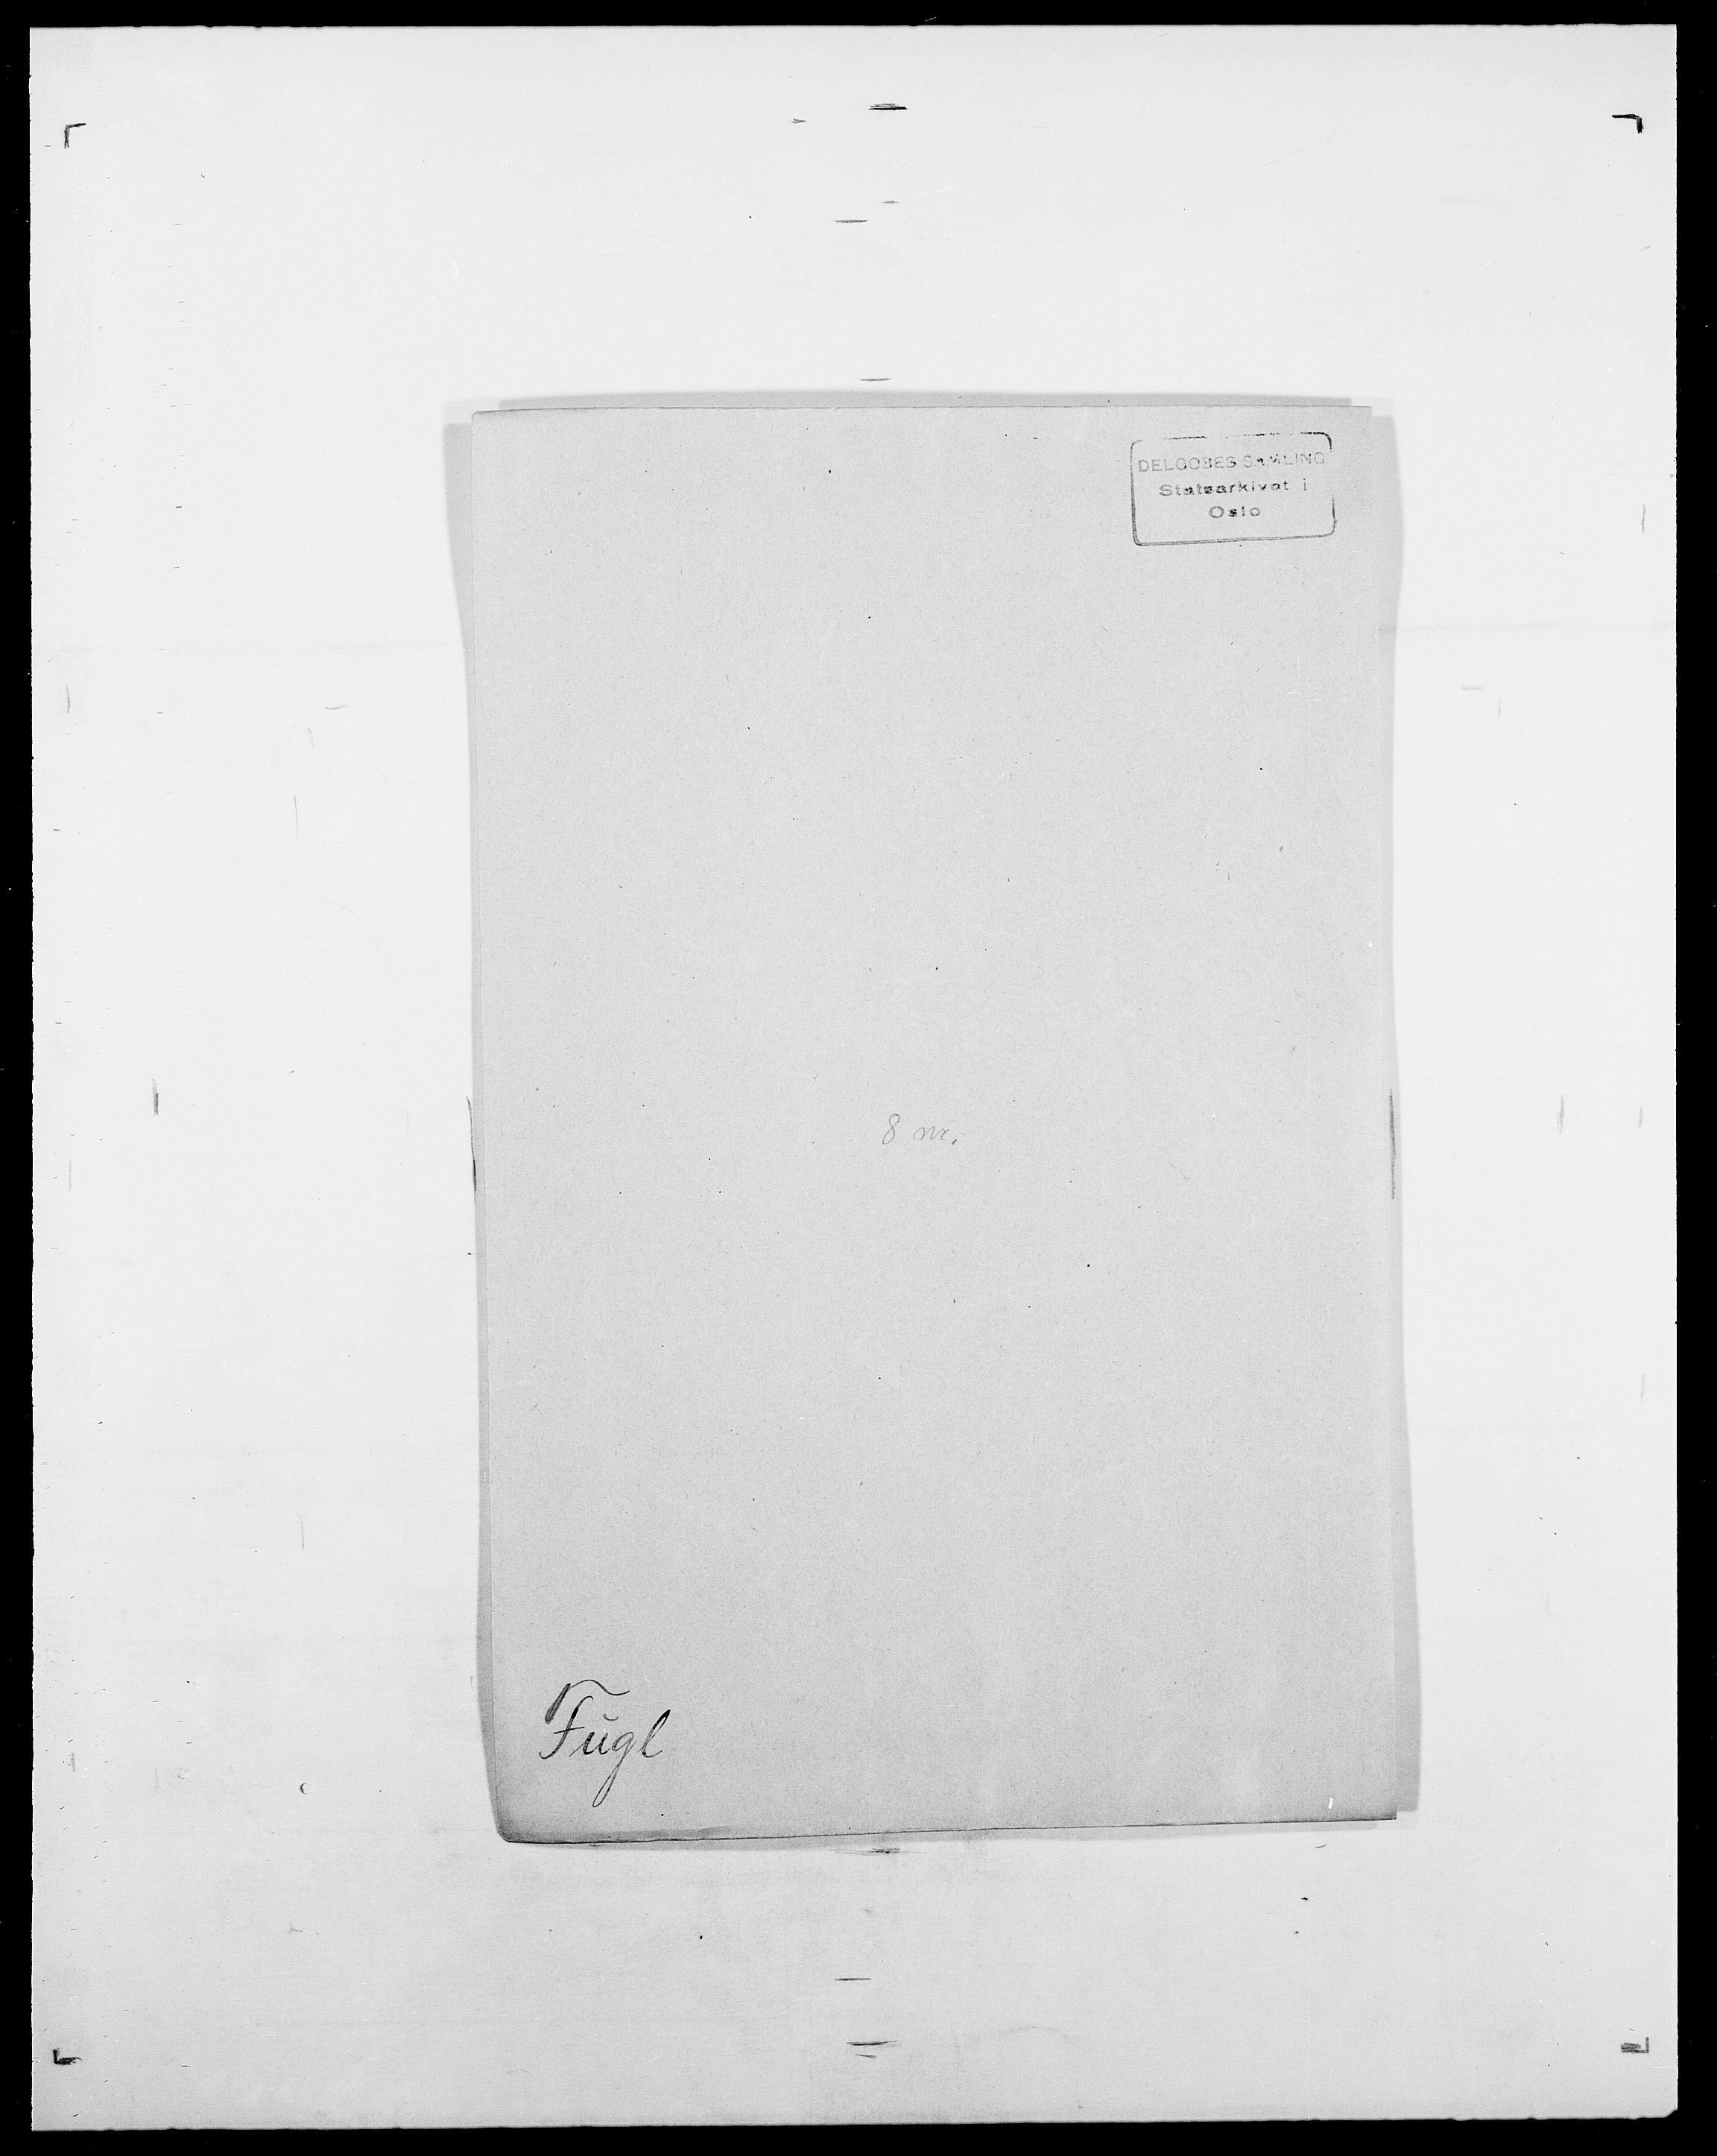 SAO, Delgobe, Charles Antoine - samling, D/Da/L0013: Forbos - Geving, s. 143